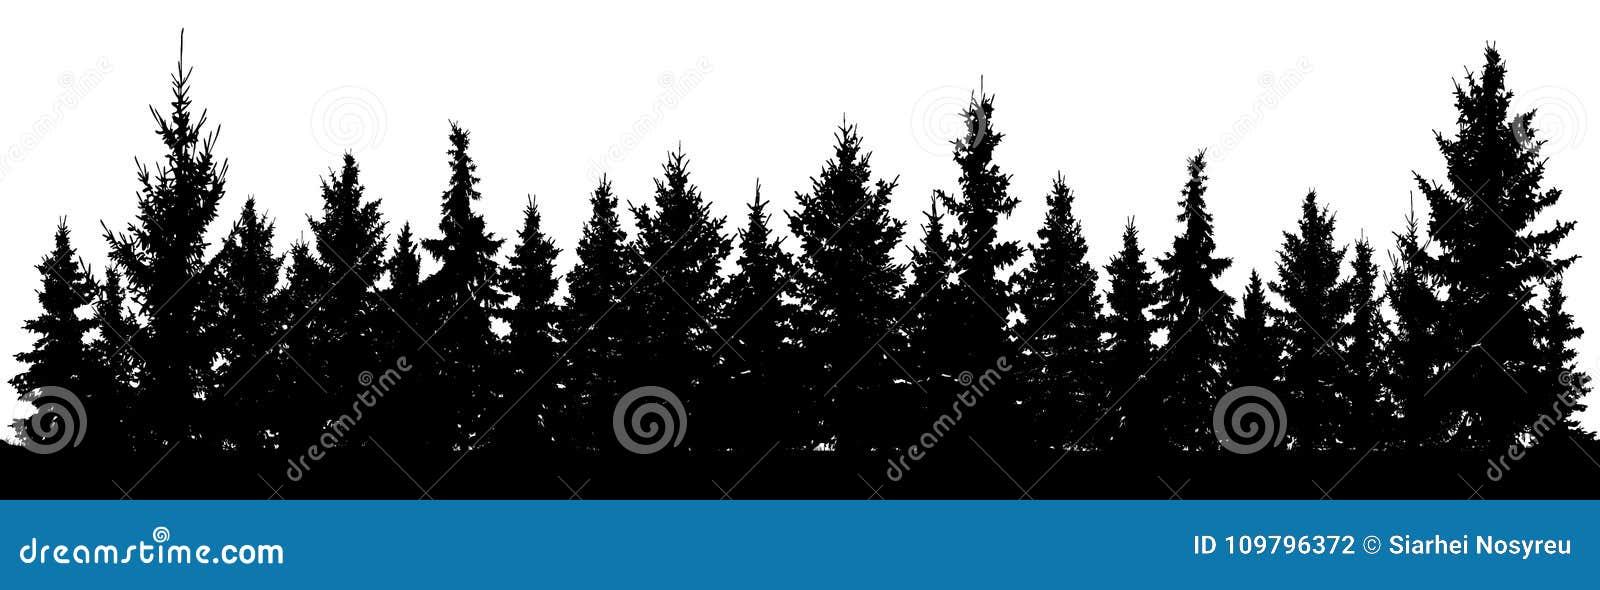 Bosque de la silueta de los abetos de la Navidad Picea conífera Parque de madera imperecedera Vector en el fondo blanco